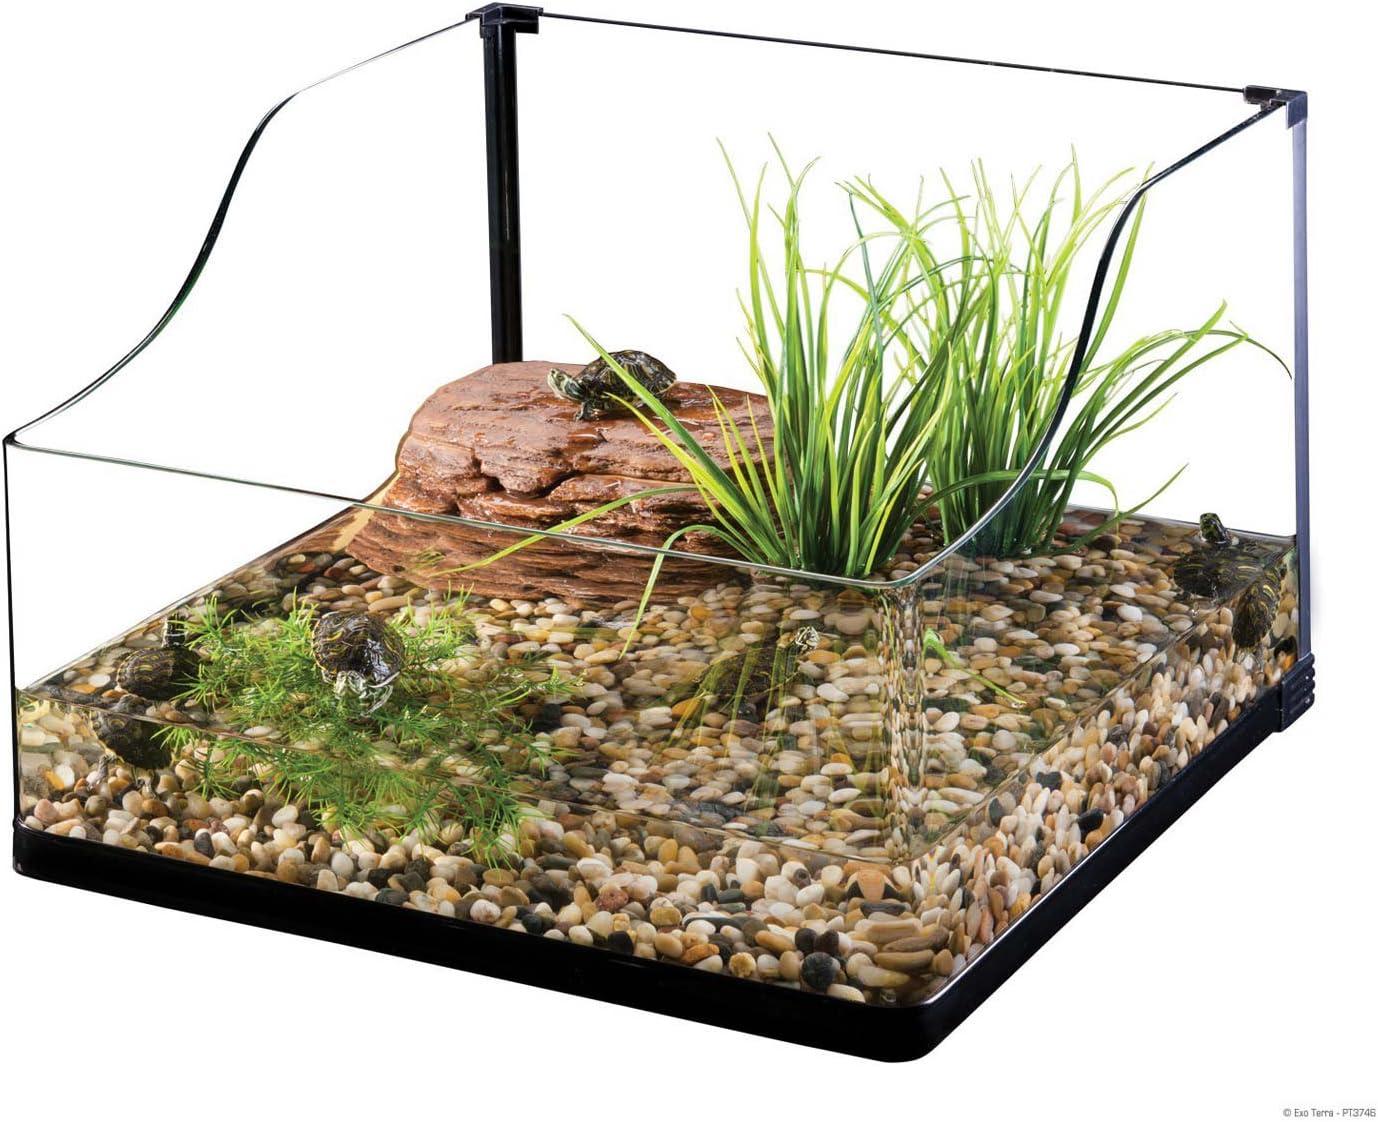 Terrarium with turtle